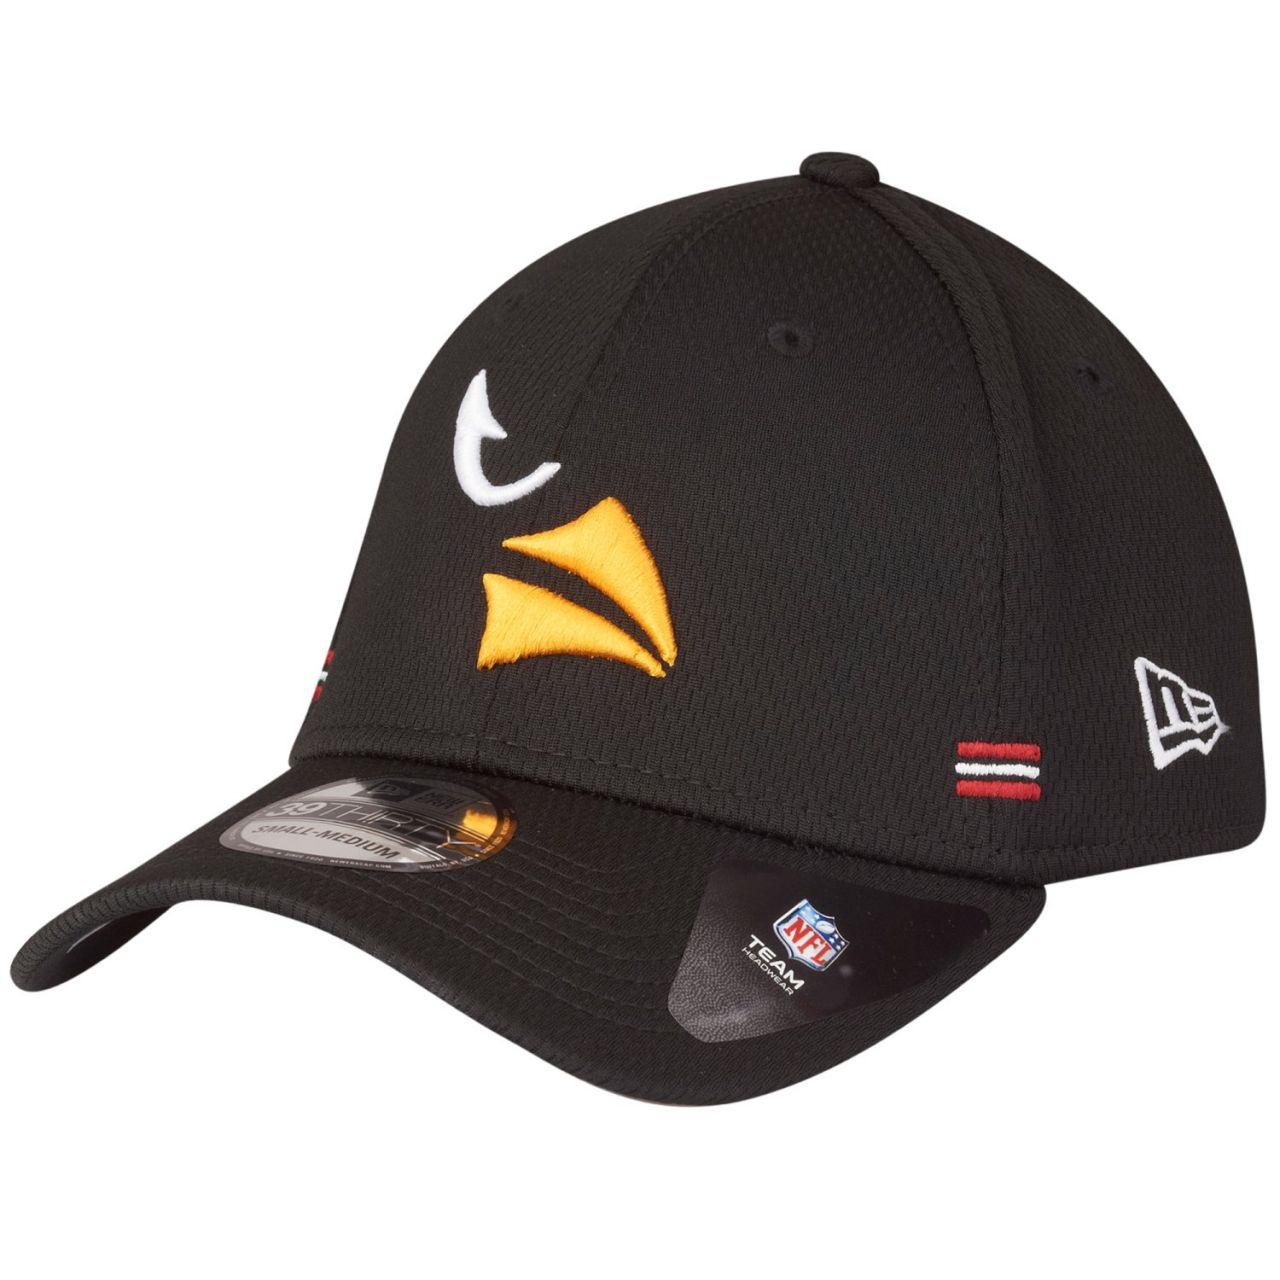 amfoo - New Era 39Thirty Cap - HOMETOWN Arizona Cardinals